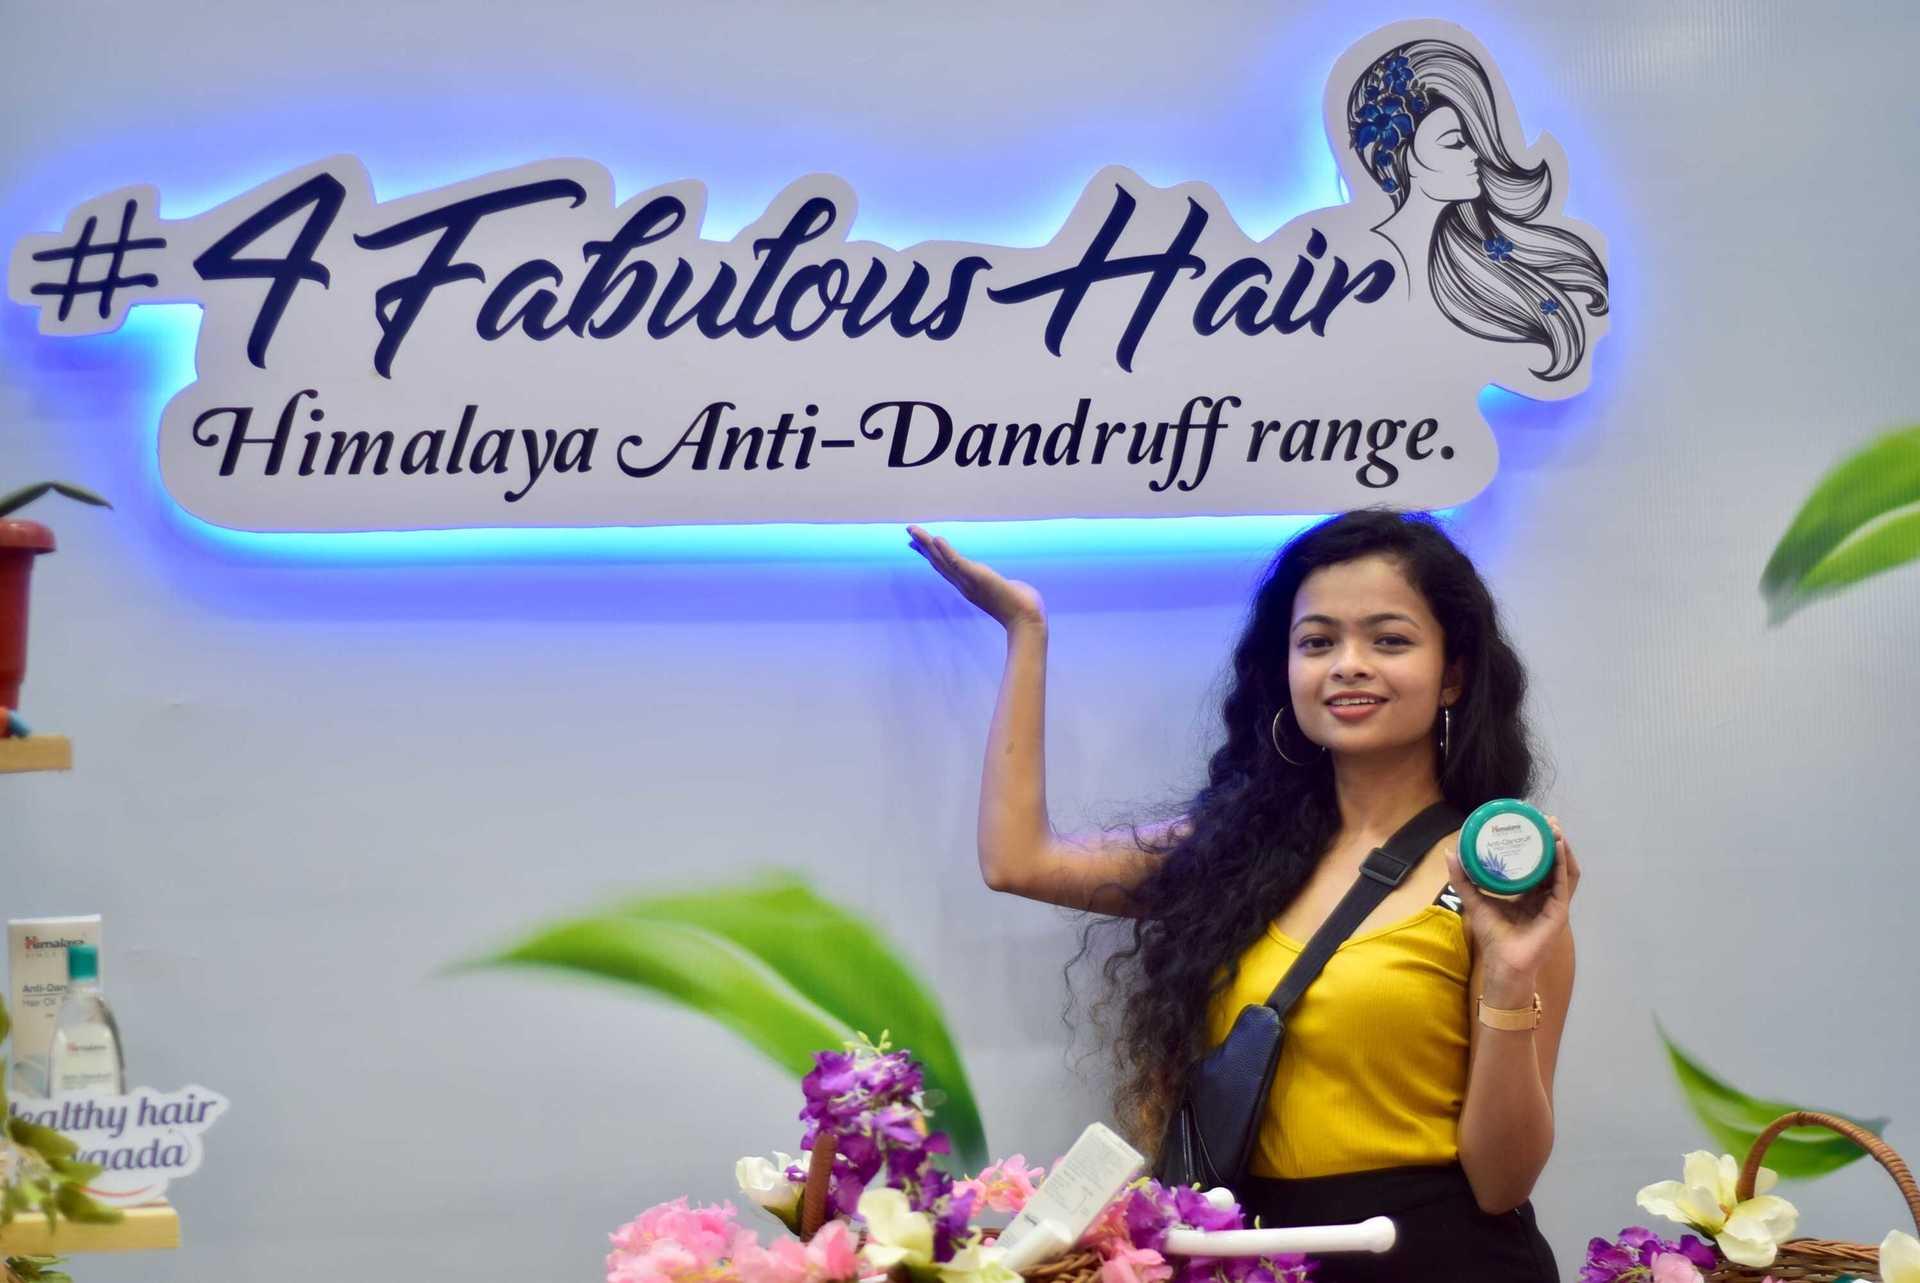 Healthy Hair Ka Vaada with Himalaya image